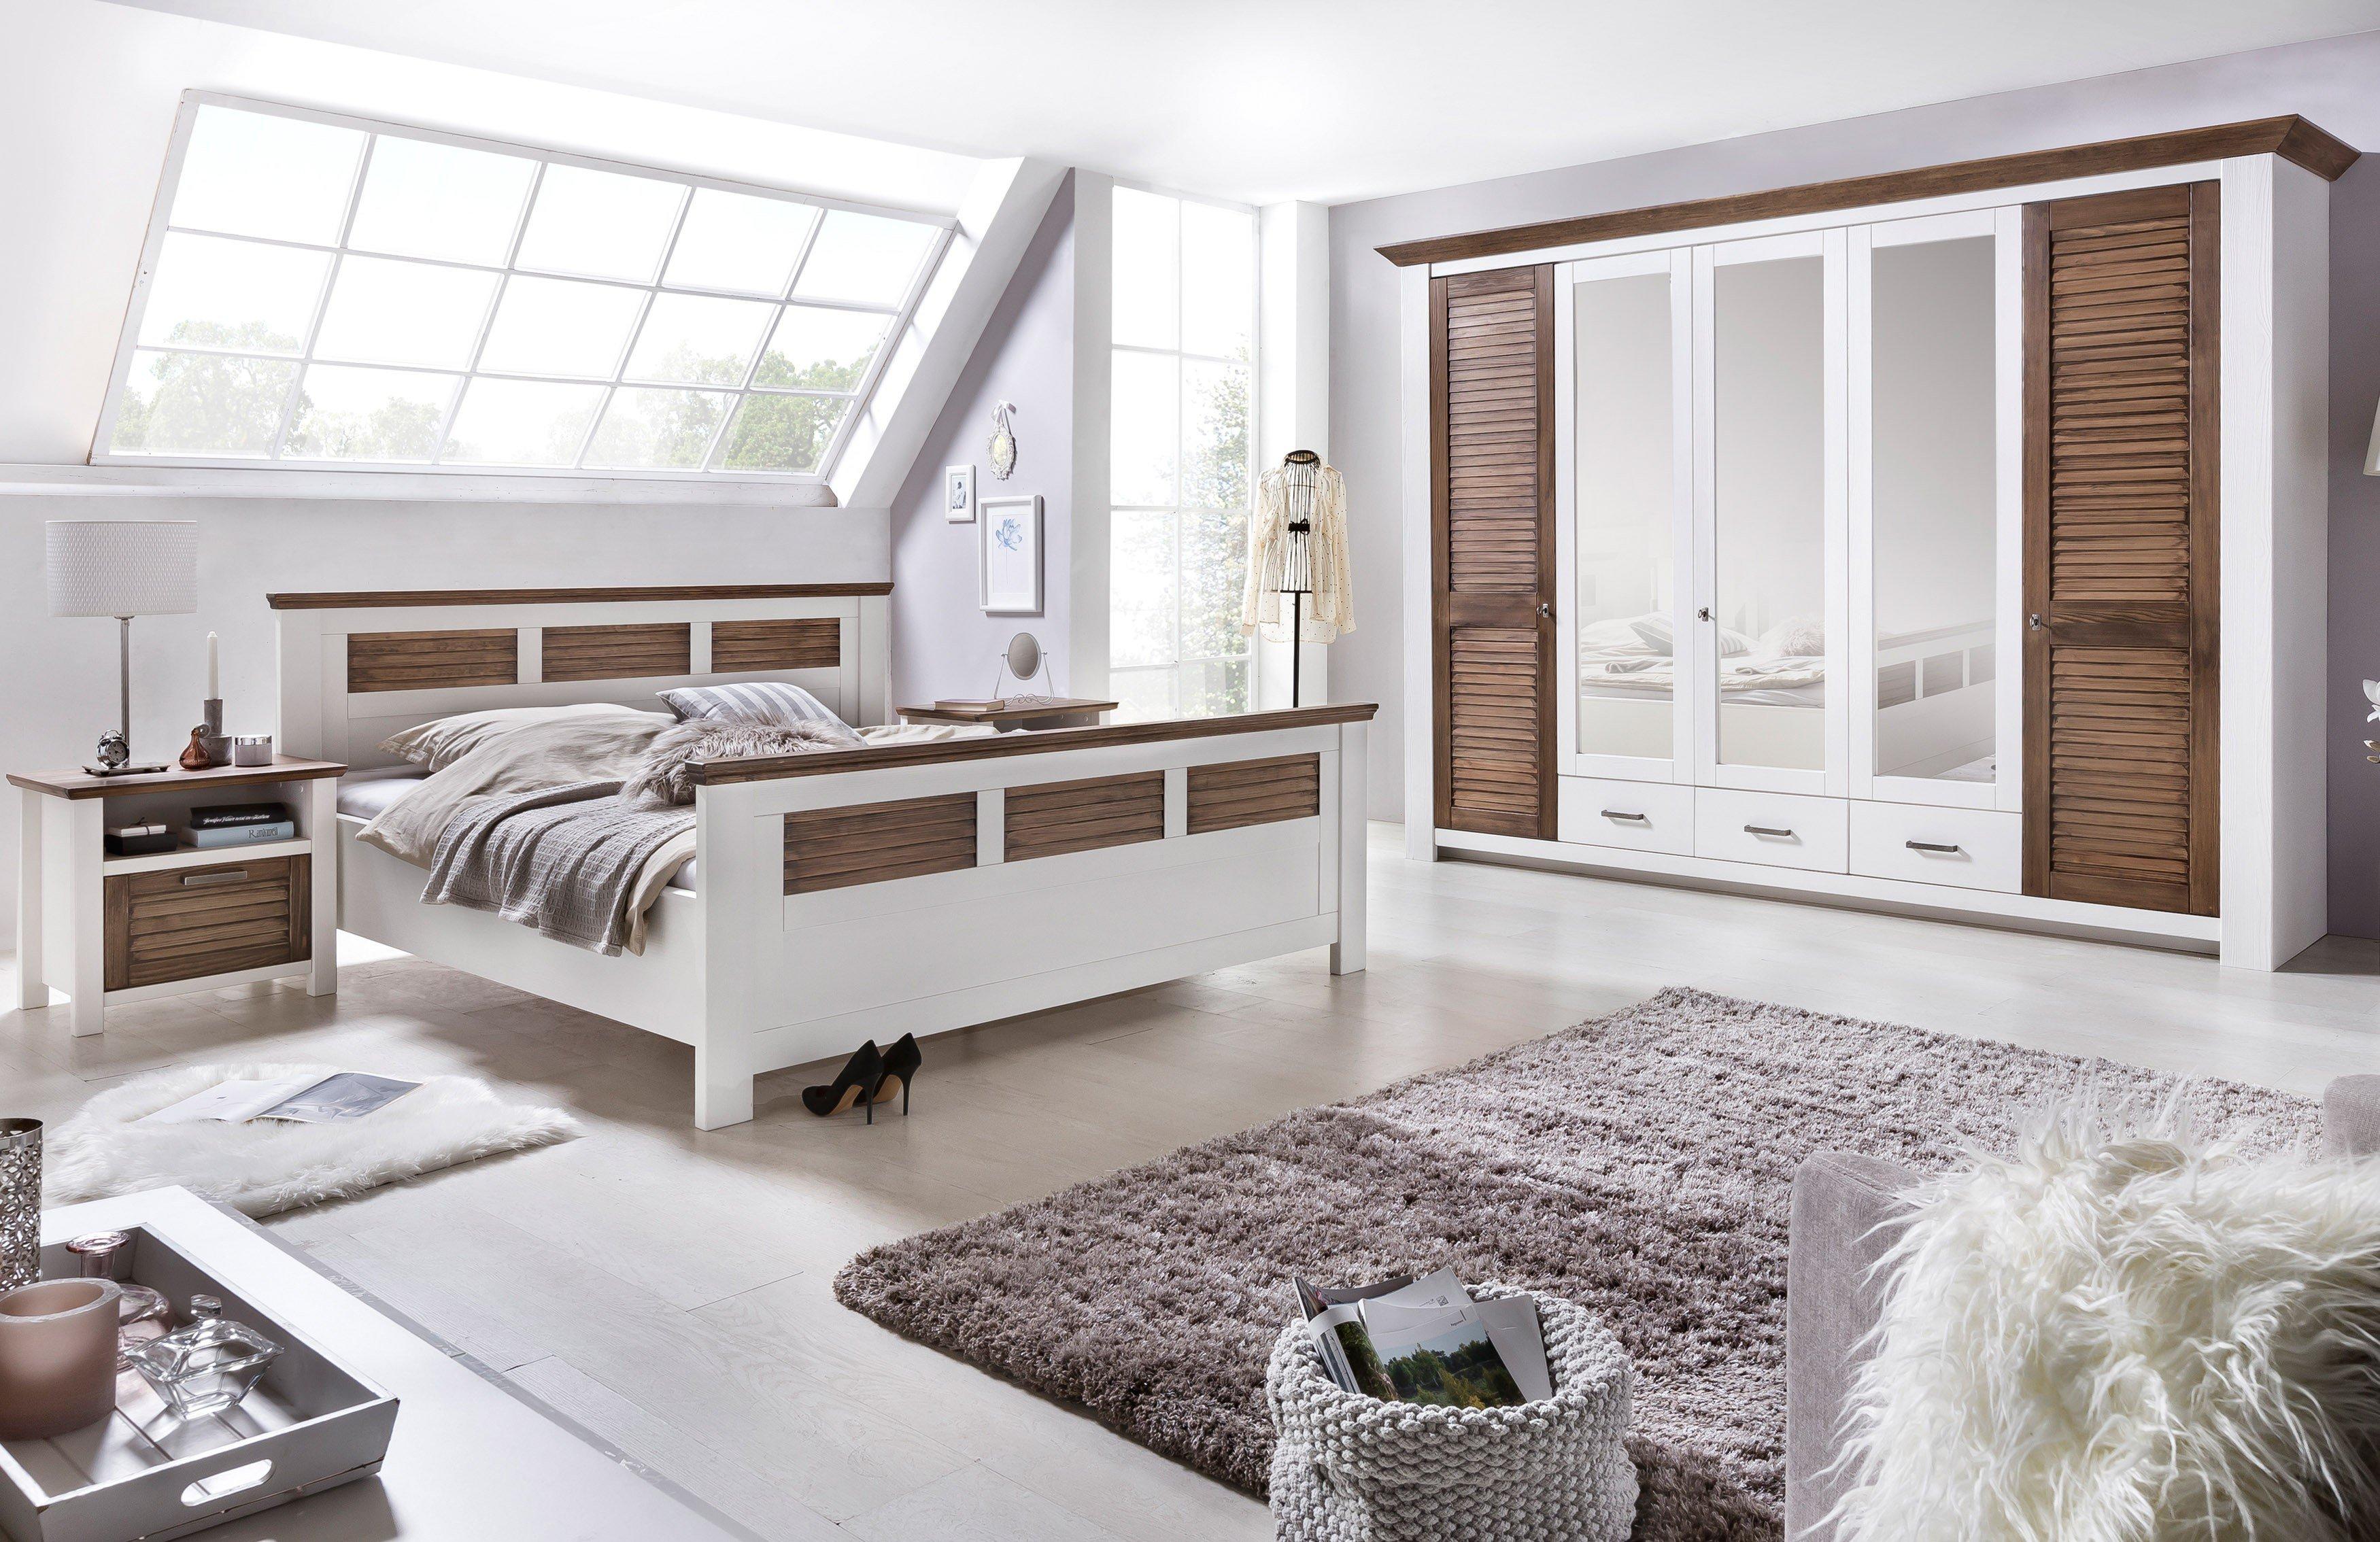 telmex laguna schlafzimmer set pinie wei m bel letz ihr online shop. Black Bedroom Furniture Sets. Home Design Ideas